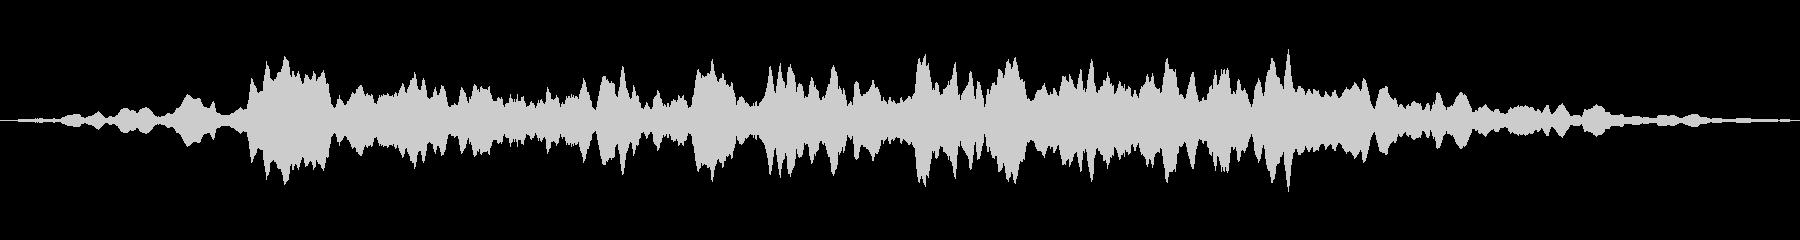 素材 大気フィードバックパッド高03の未再生の波形